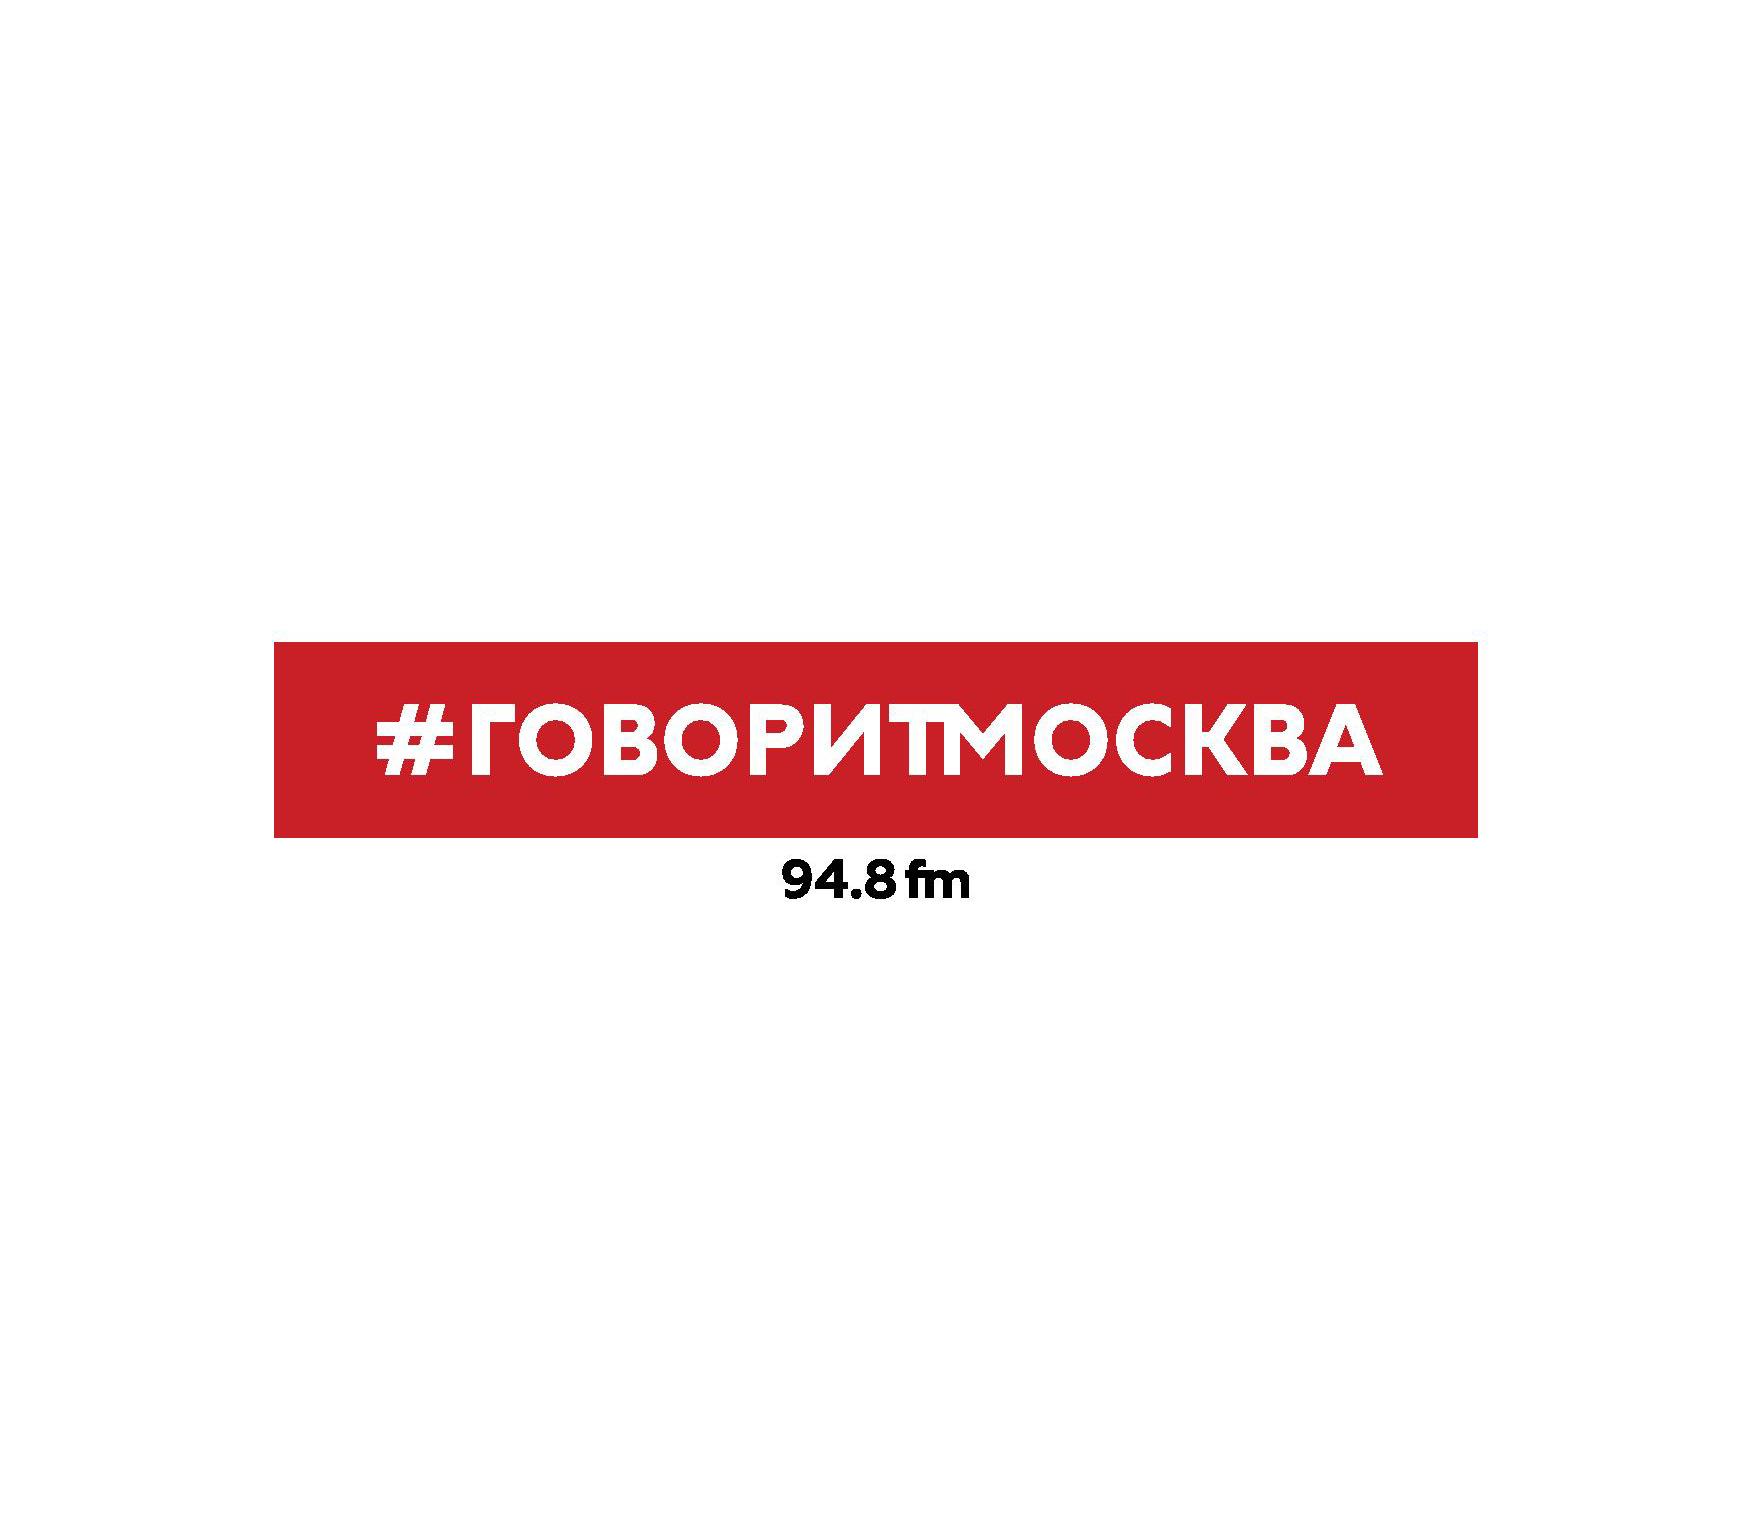 Макс Челноков 19 марта. Максим Шевченко макс челноков 23 марта авигдор эскин